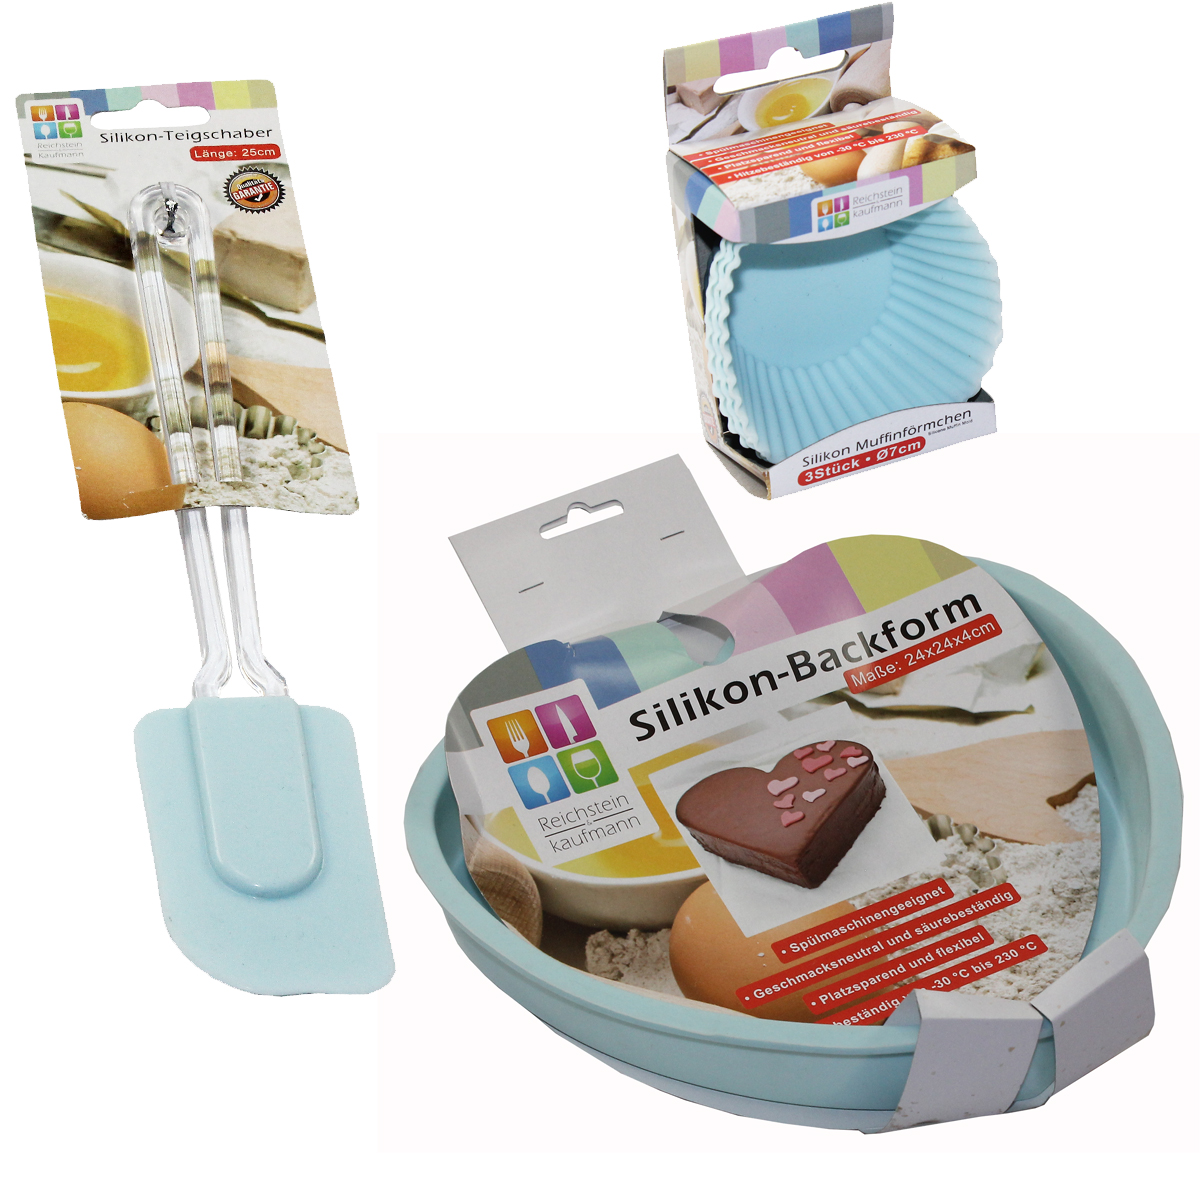 5tlg set backform herz teigschaber muffinf rmchen silikon backen k che rosa k che und. Black Bedroom Furniture Sets. Home Design Ideas